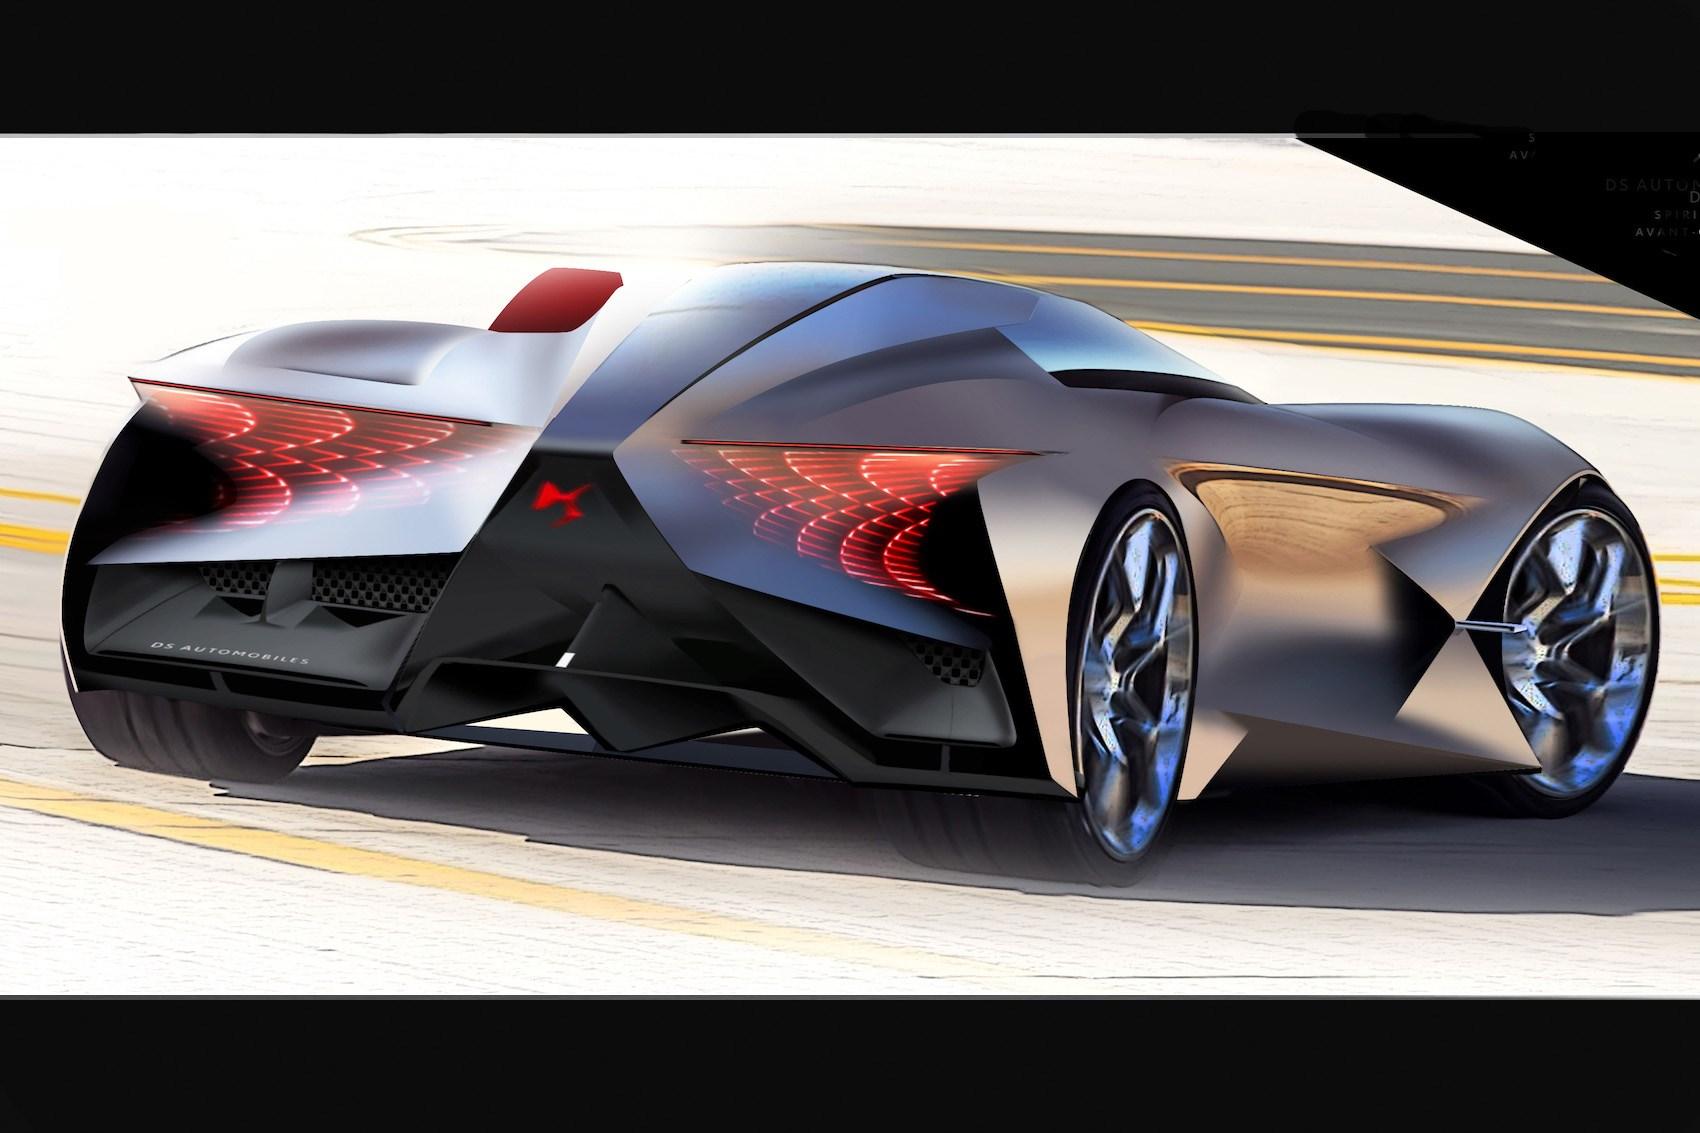 ... DS X E-Tense concept car for 2035 ...